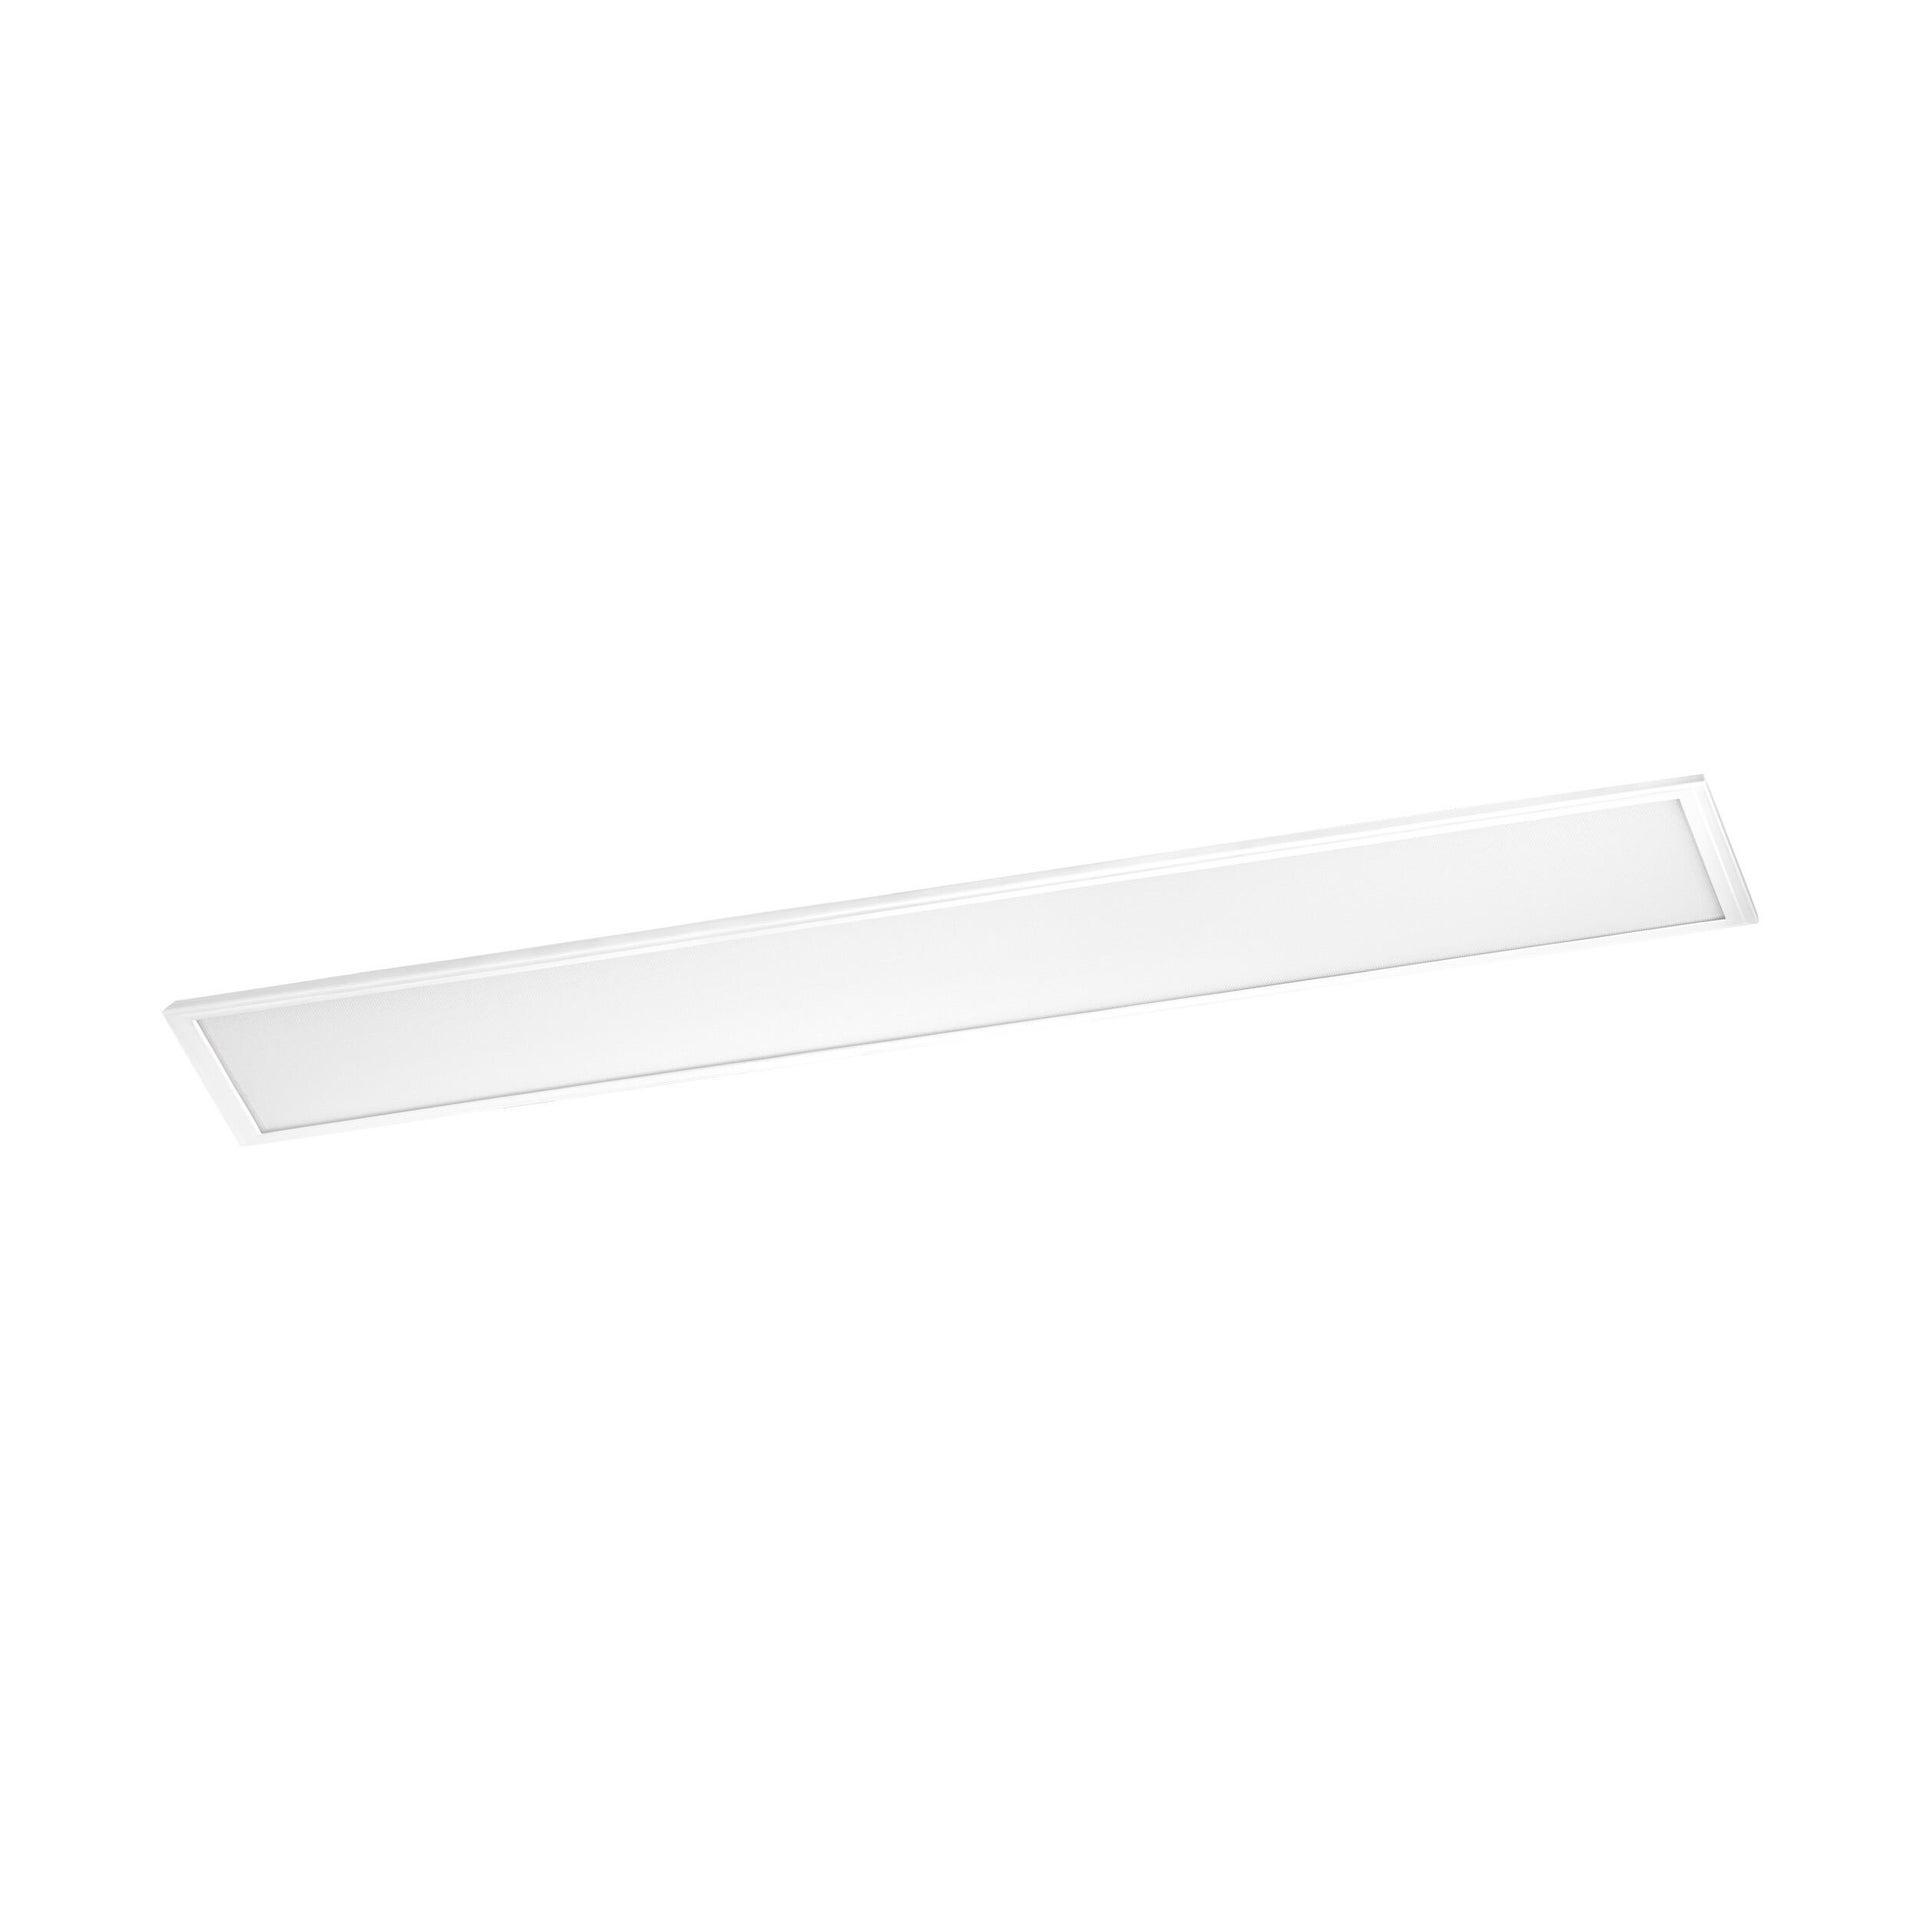 Pannello led Salobrena Connect 30x120 cm cct regolazione da bianco caldo a bianco freddo, 4300LM EGLO - 1